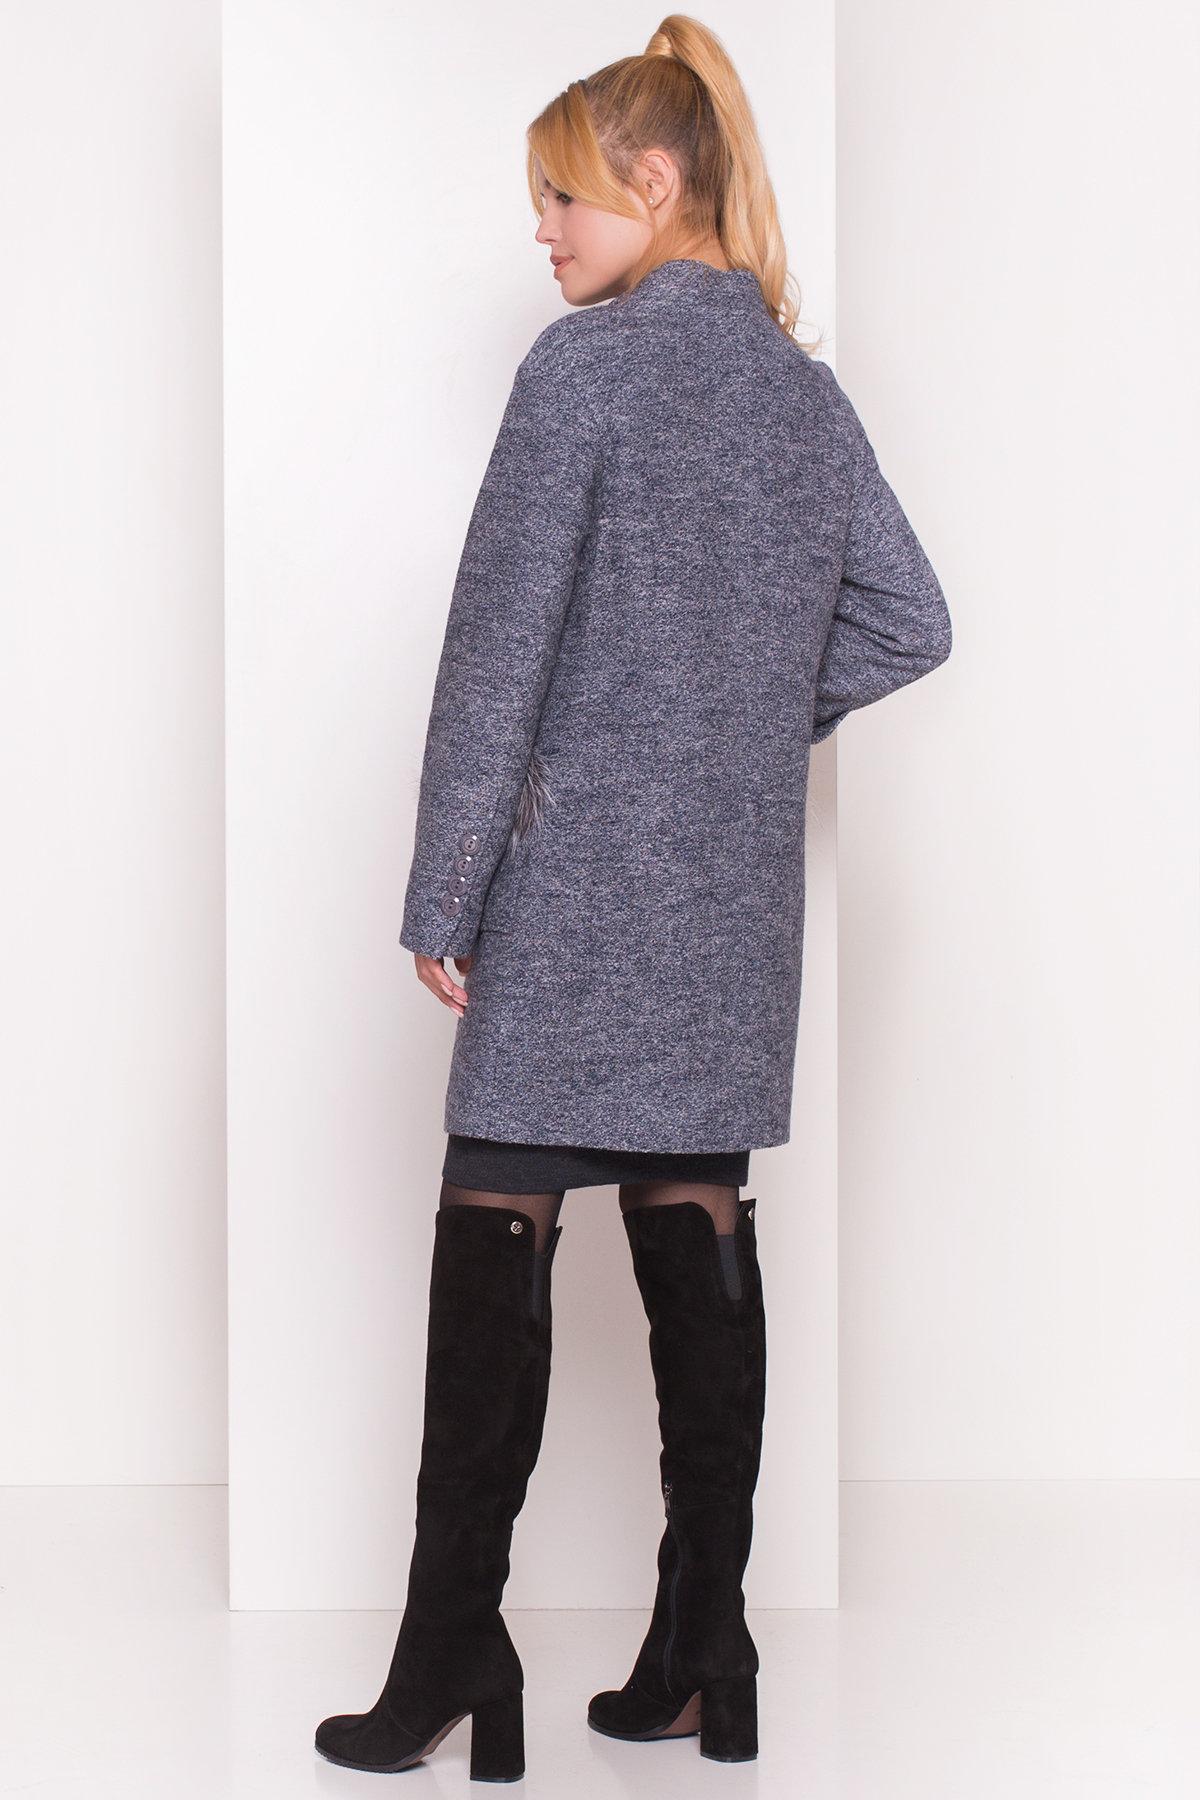 Пальто Этель 4369 АРТ. 21058 Цвет: Серый темный LW-22 - фото 4, интернет магазин tm-modus.ru